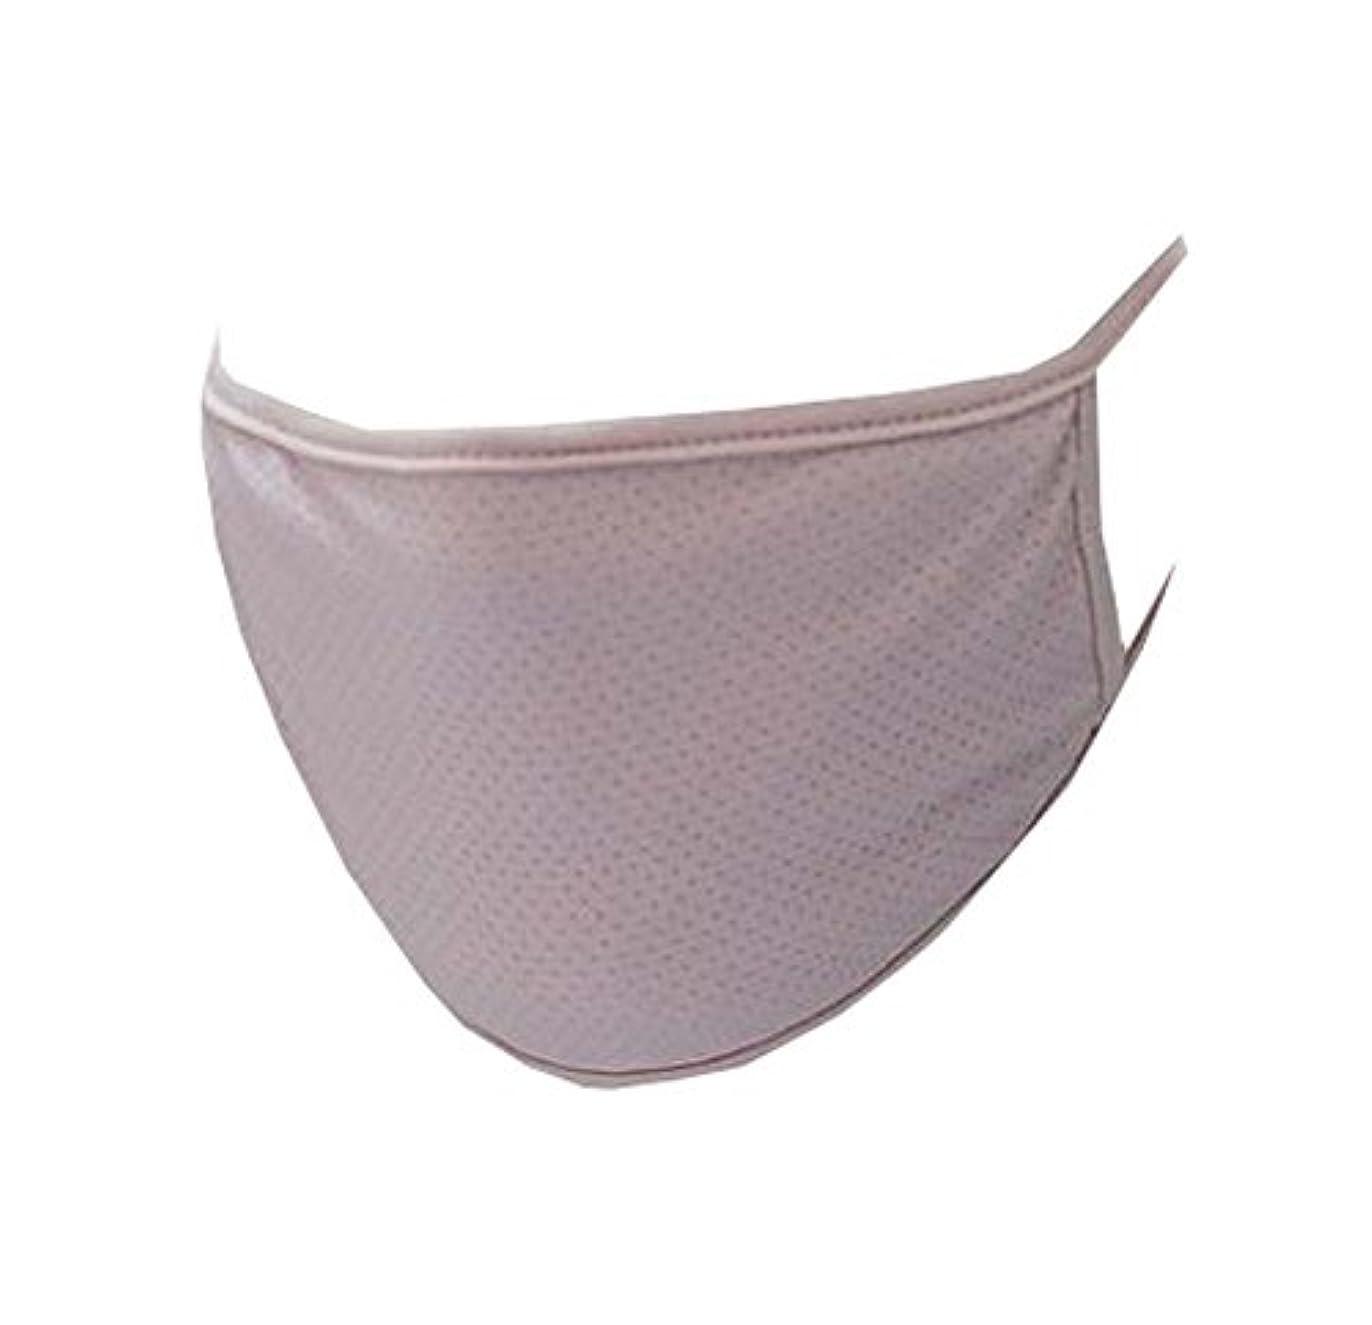 不利完全に乾く解体する口マスク、再使用可能フィルター - 埃、花粉、アレルゲン、抗UV、およびインフルエンザ菌 - F